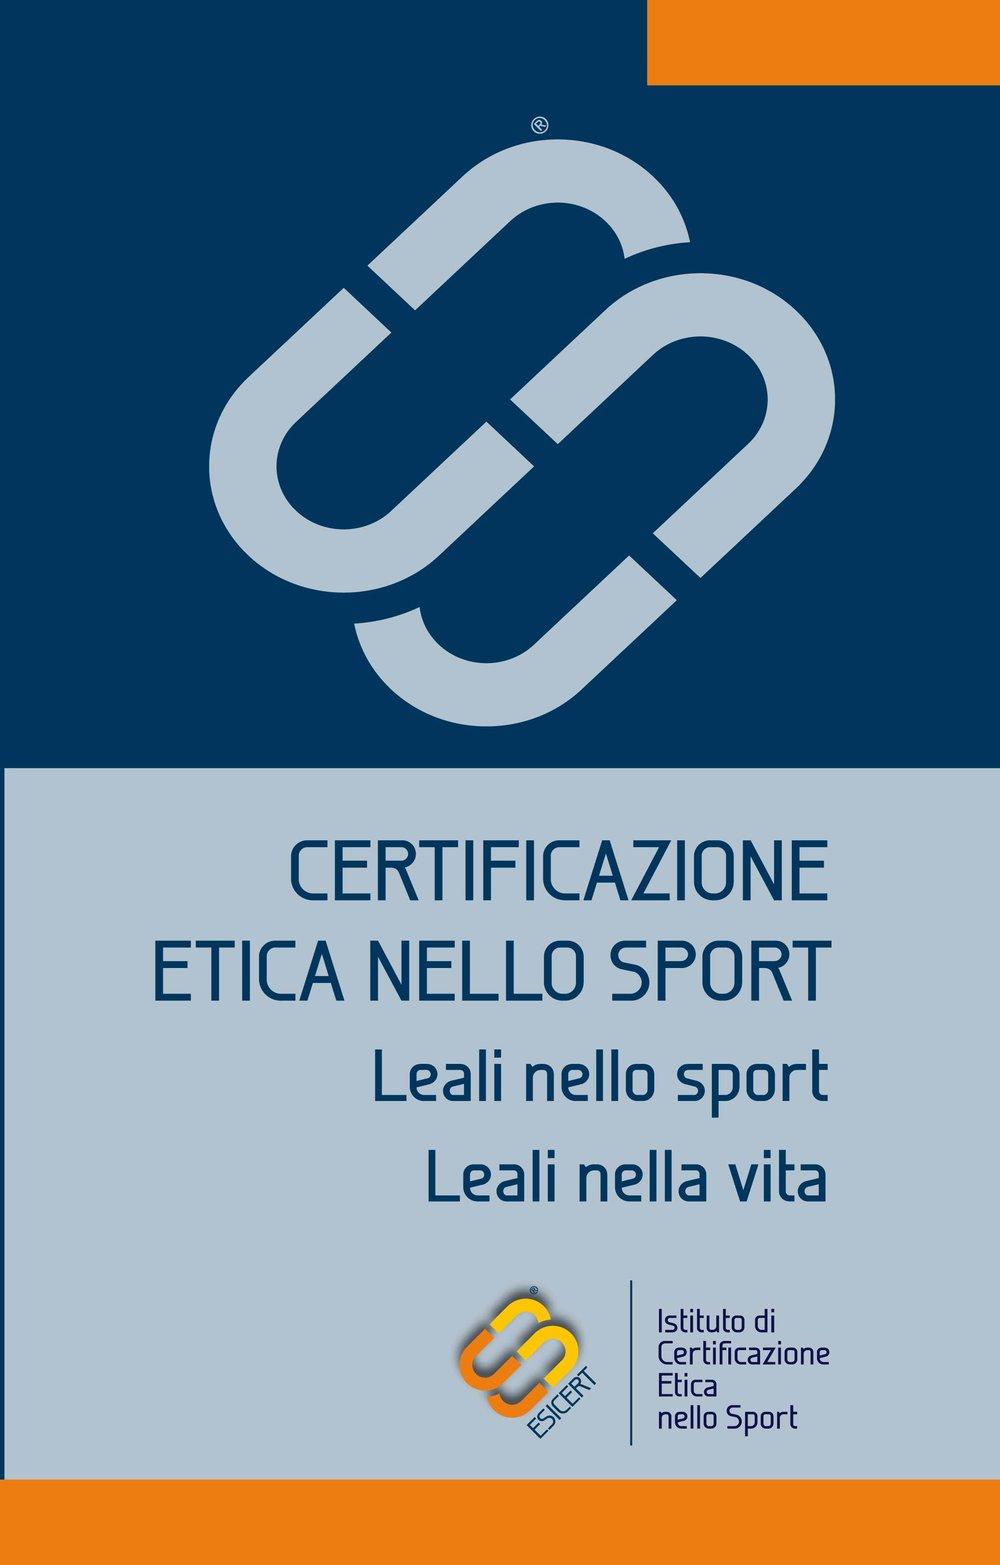 Aa.vv., certificazione etica nello sport, PROGET, PADOVA 2012